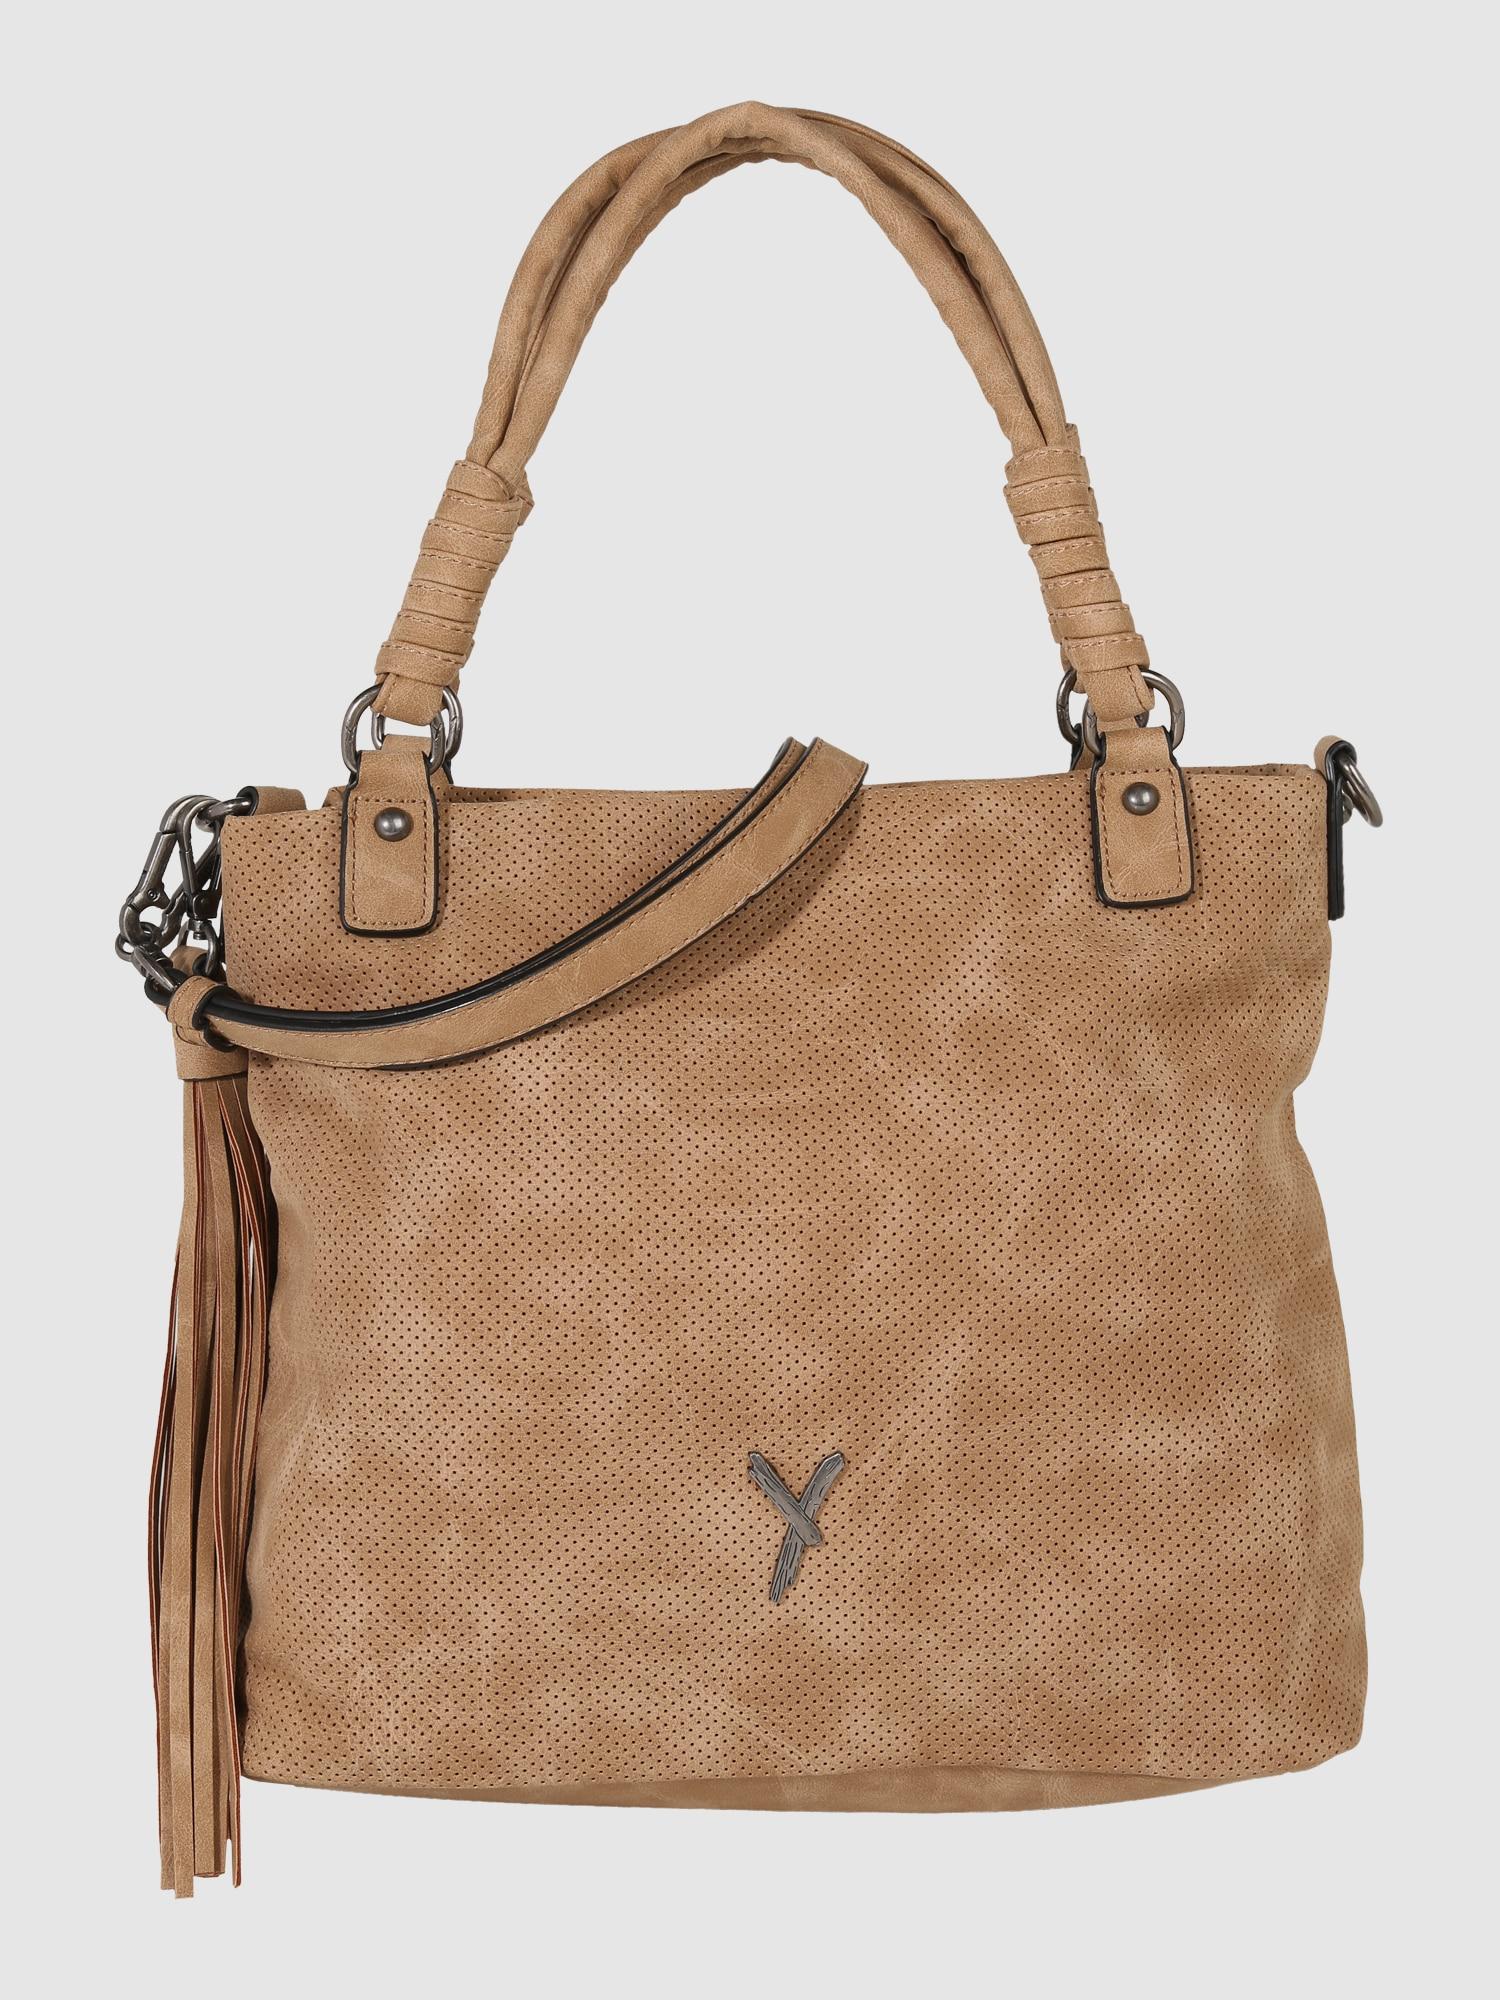 suri frey handtasche mit tassel 39 romy 39 in braun about you. Black Bedroom Furniture Sets. Home Design Ideas